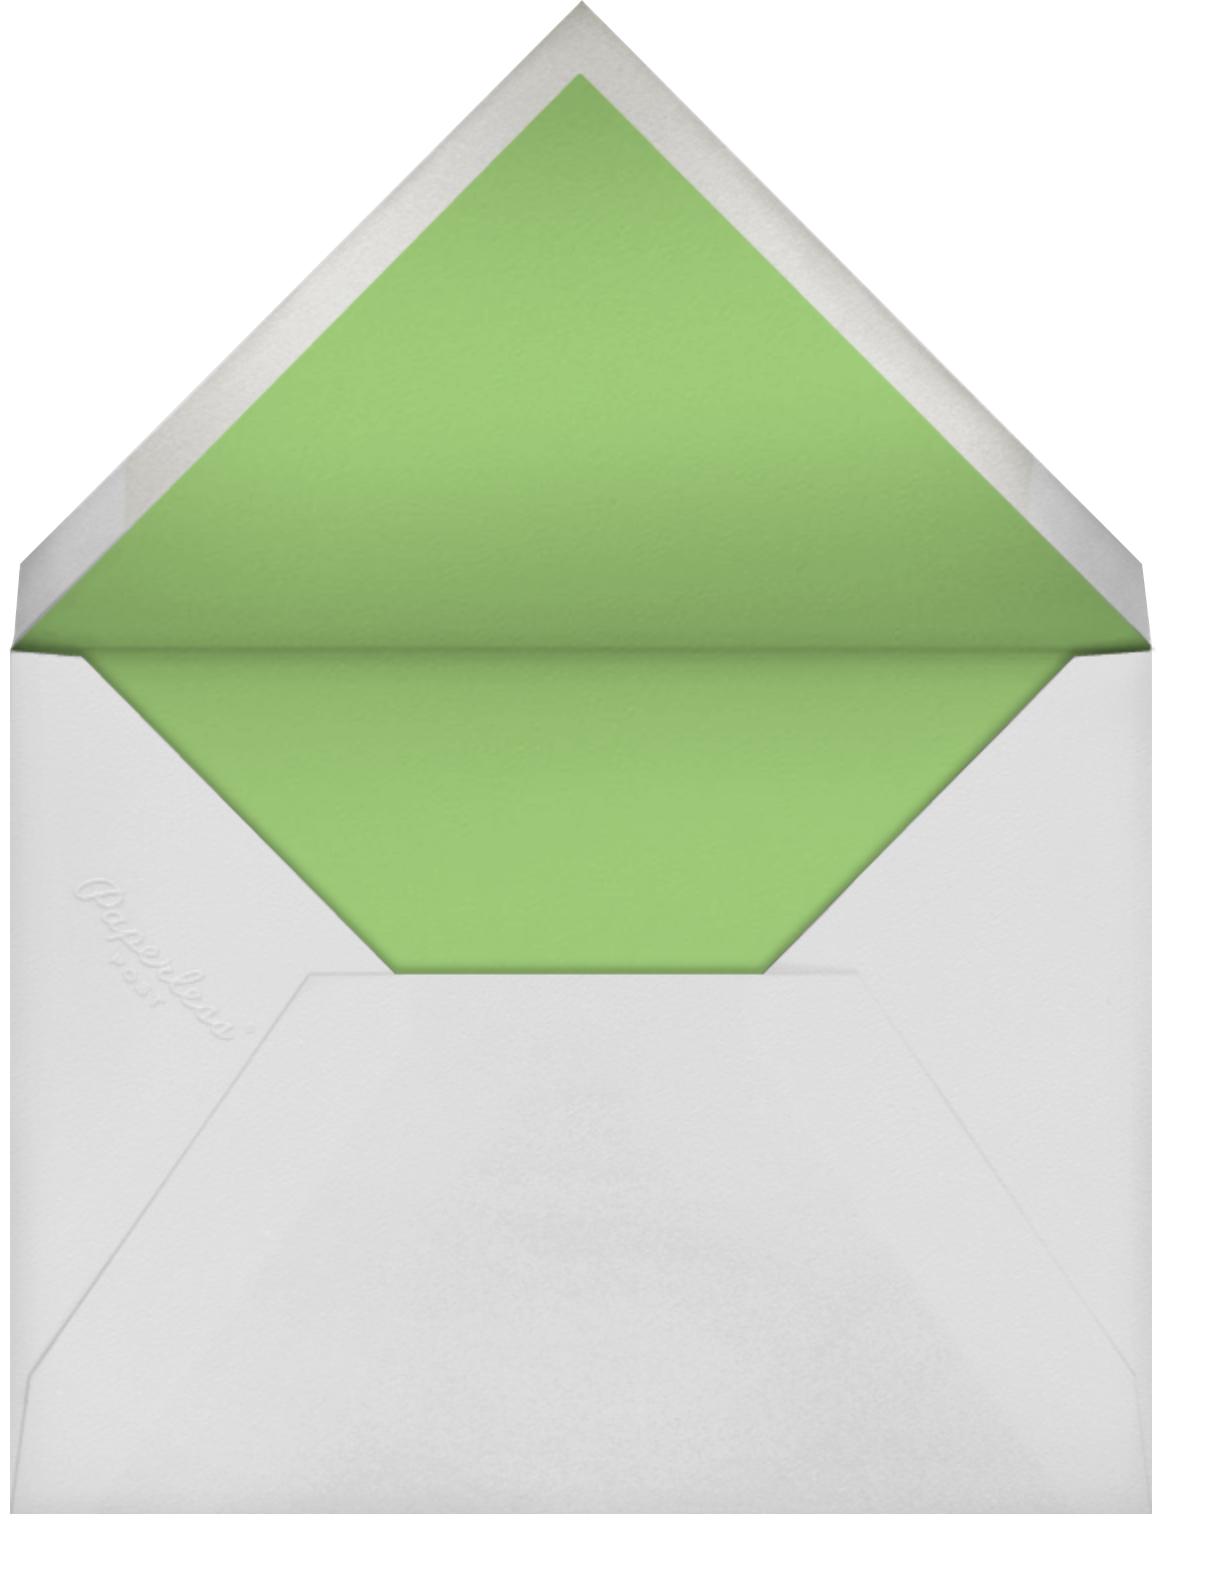 Carrots - Paperless Post - Easter - envelope back